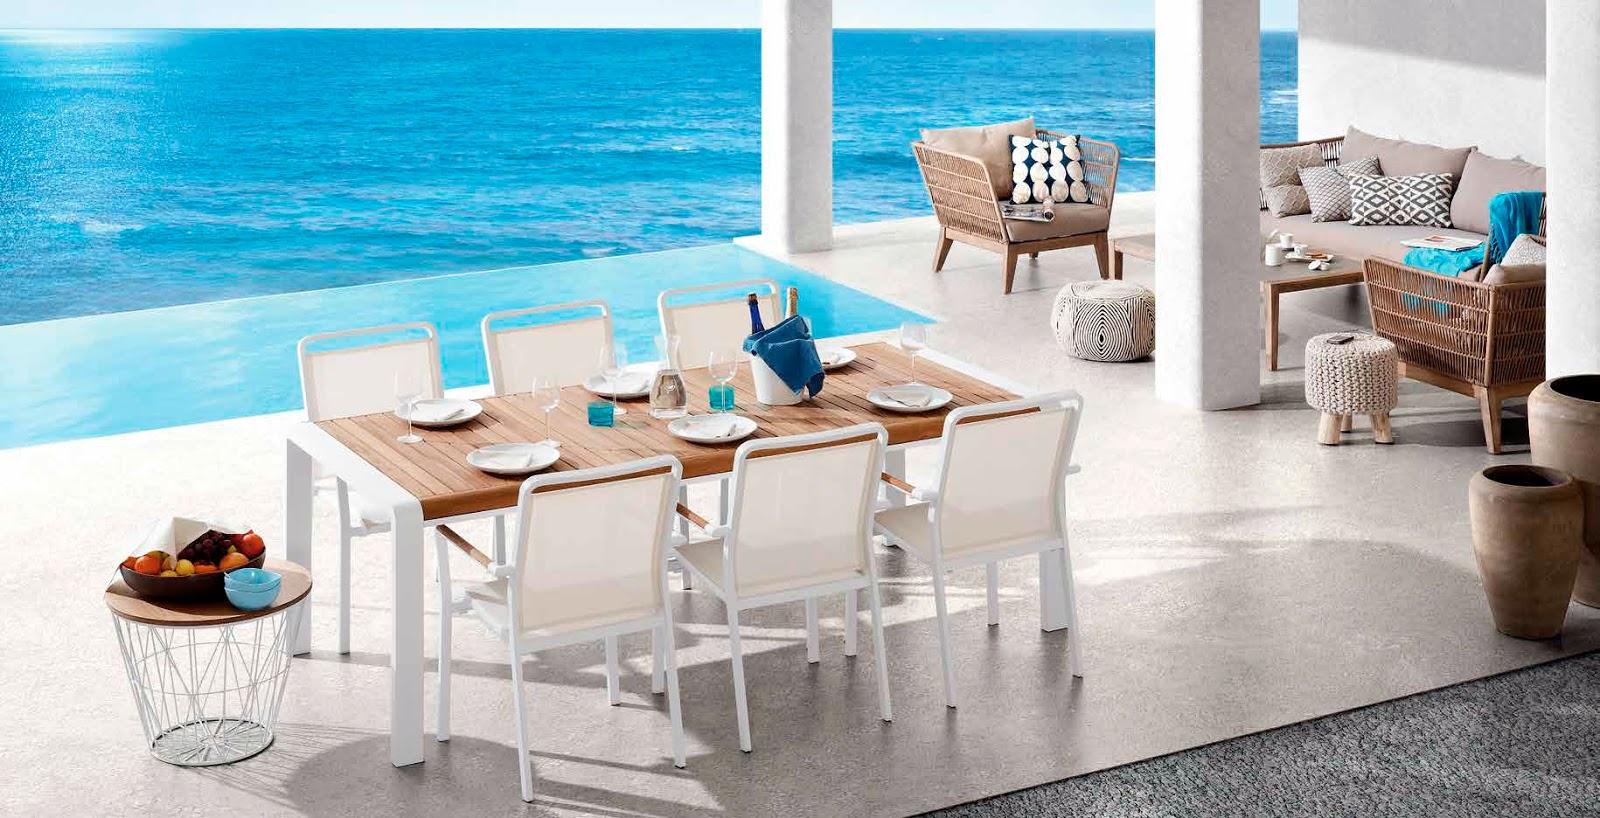 Muebles de comedor 10 ideas para tener un bonito comedor - Muebles de verano ...